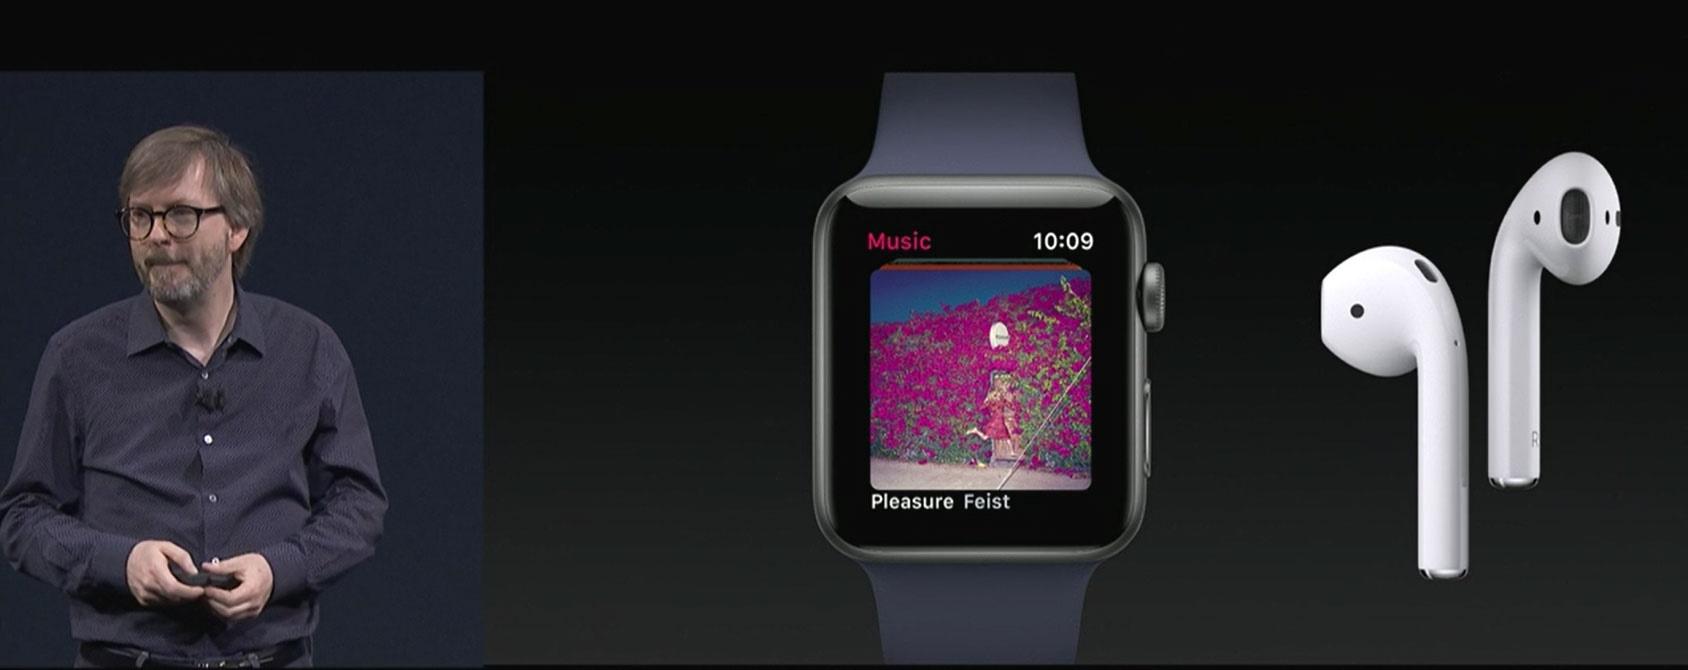 رونمایی از سیستم عامل اپل واچ او اس 4 در کنفرانس WWDC 2017